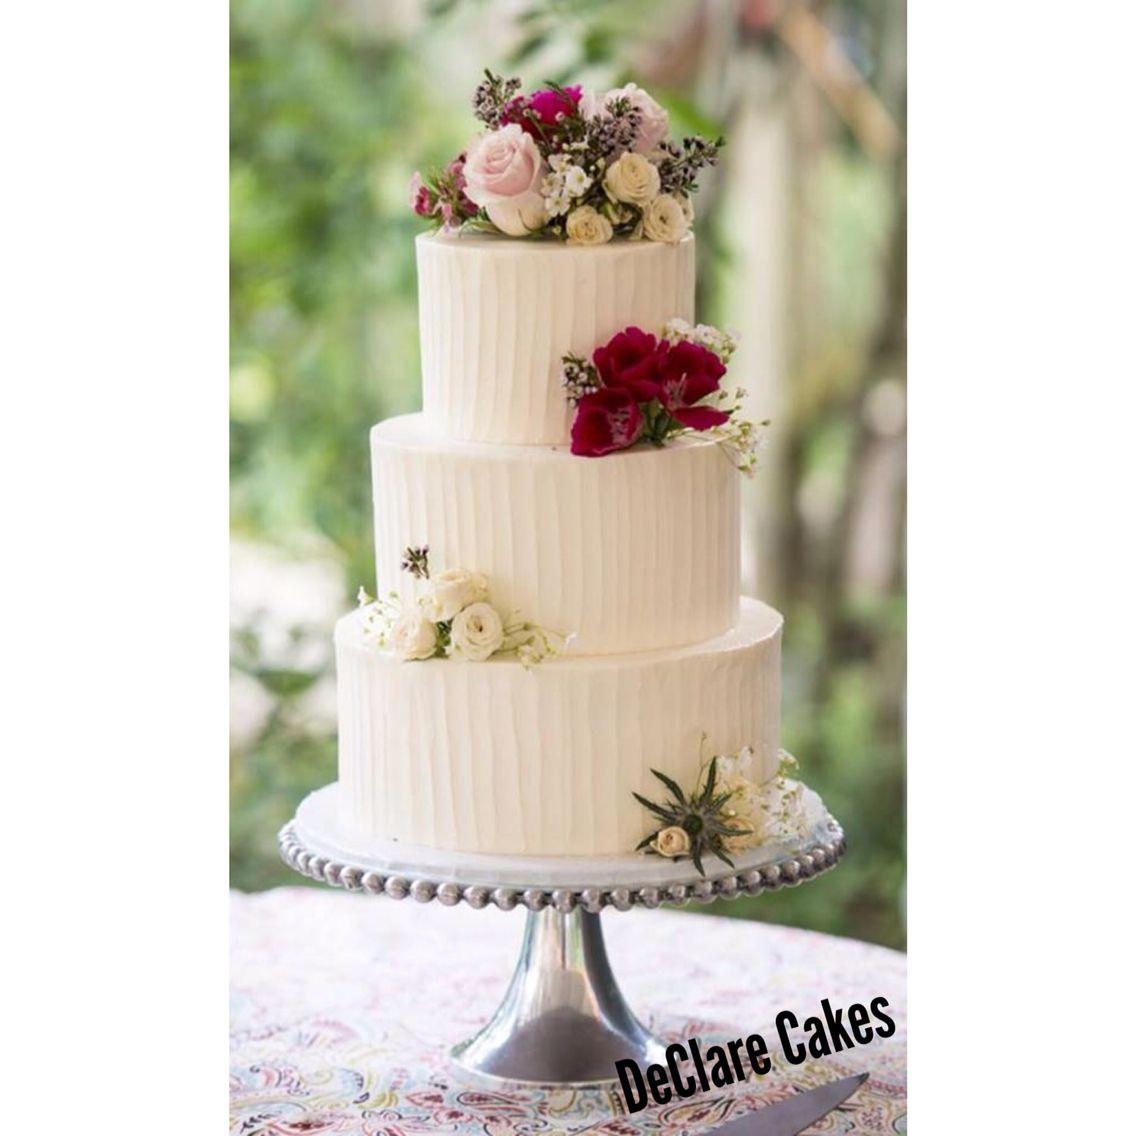 DeClare Cakes, Charleston, SC. Wedding Cake Declarecakes.com